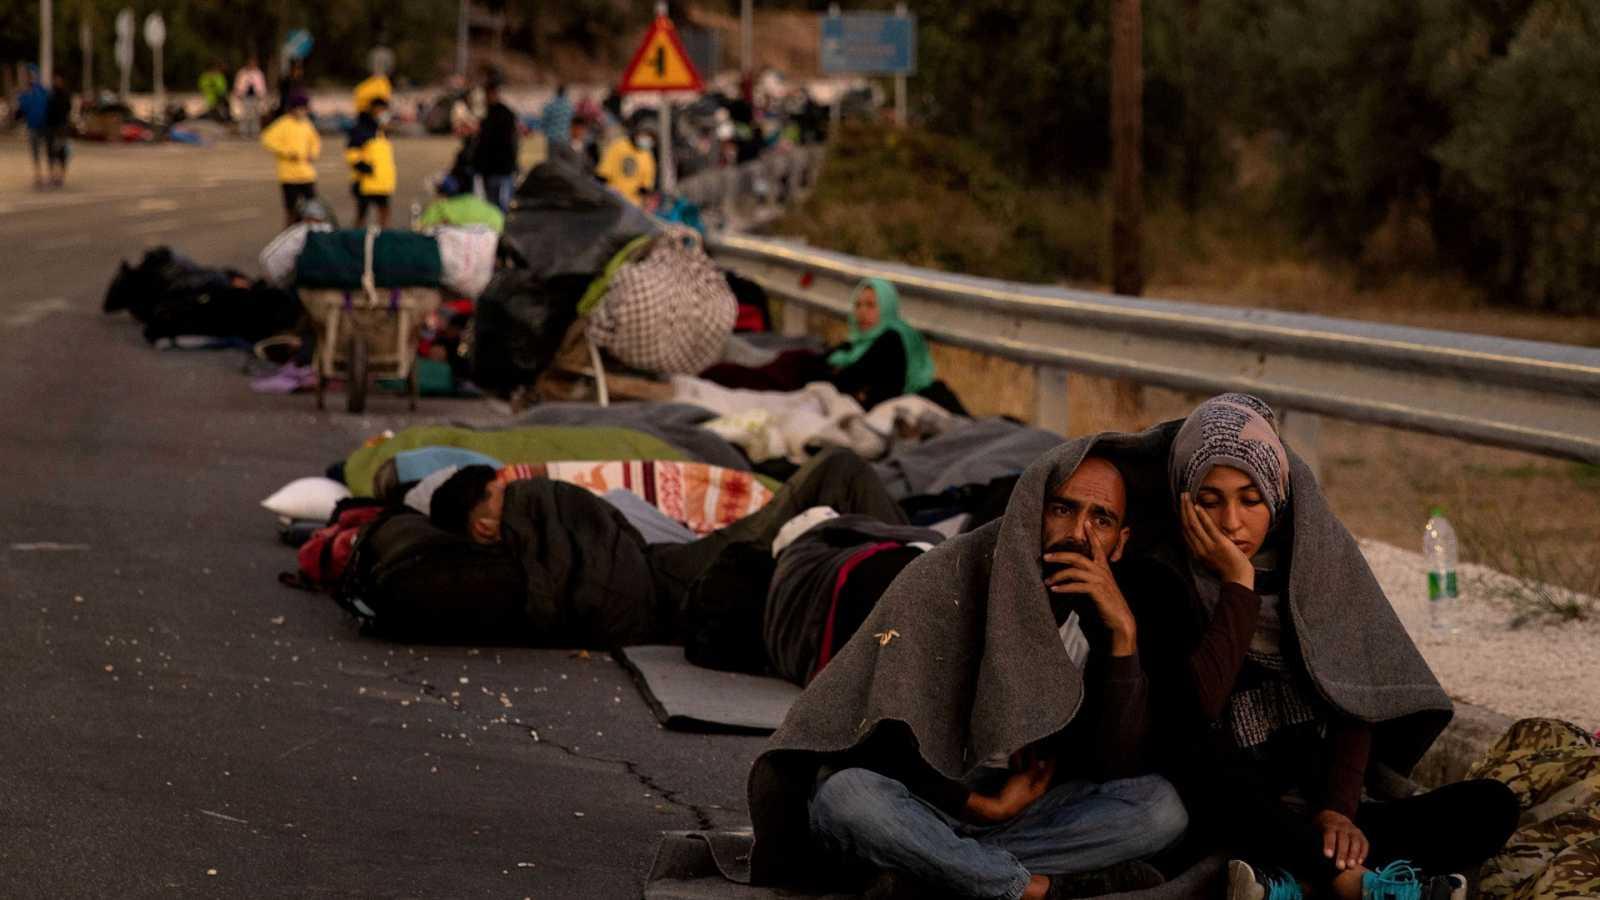 Europa busca una política migratoria común tras años de divisiones